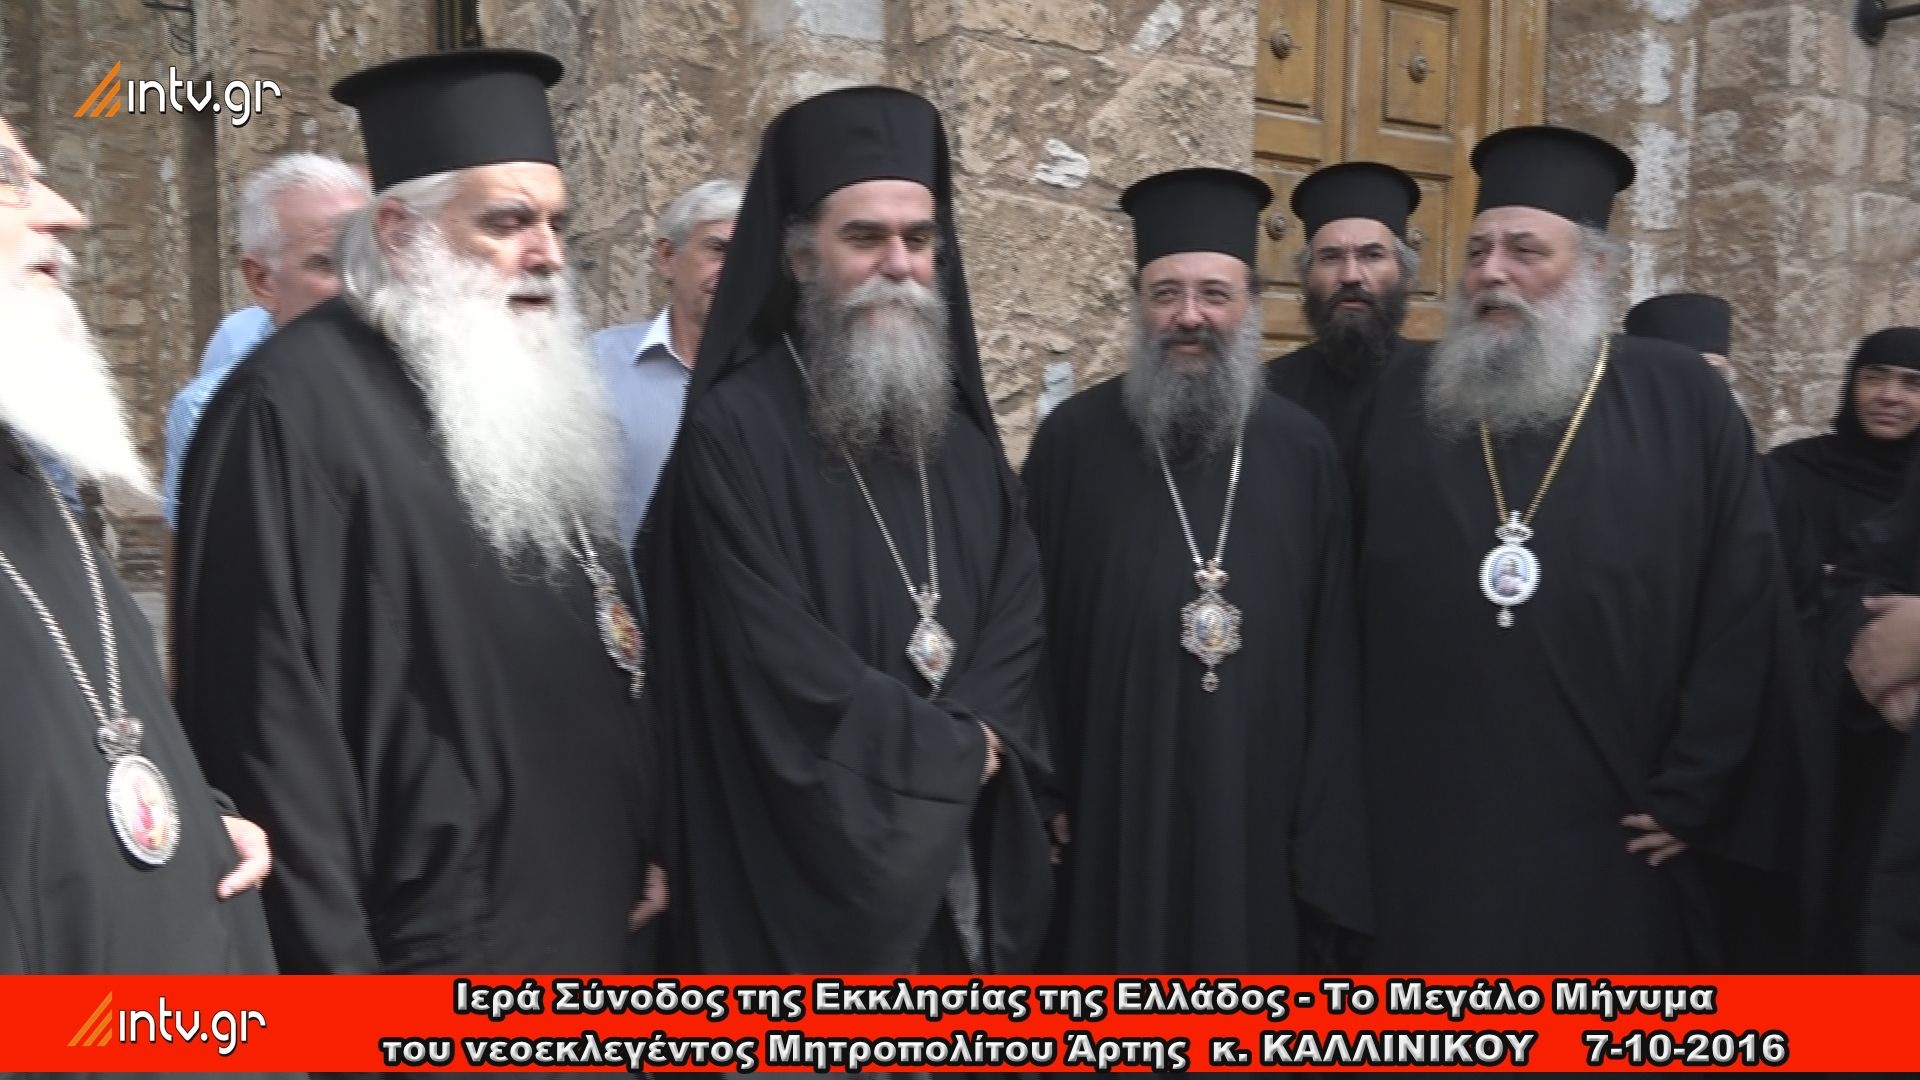 Ιερά Σύνοδος της Εκκλησίας της Ελλάδος - Το Μεγάλο Μήνυμα του νεοεκλεγέντος Μητροπολίτου Άρτης  κ. ΚΑΛΛΙΝΙΚΟΥ